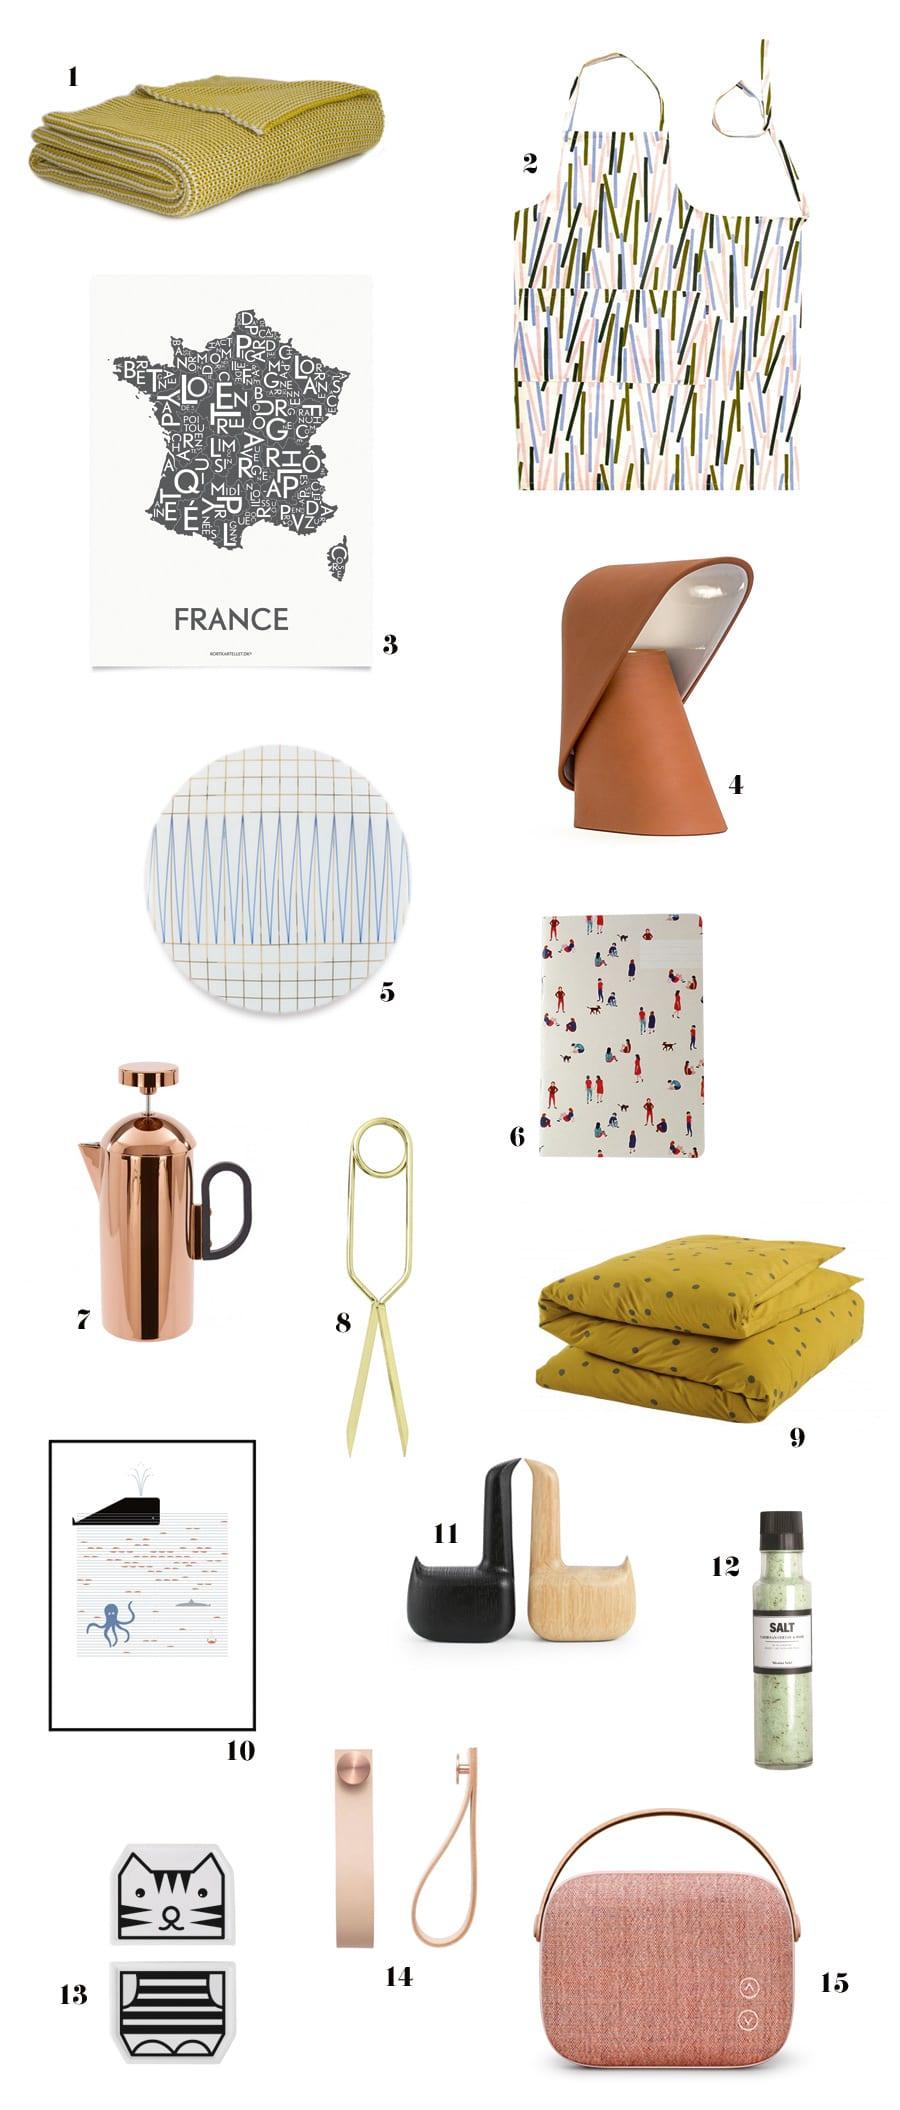 selection_maison_et_objet_2015